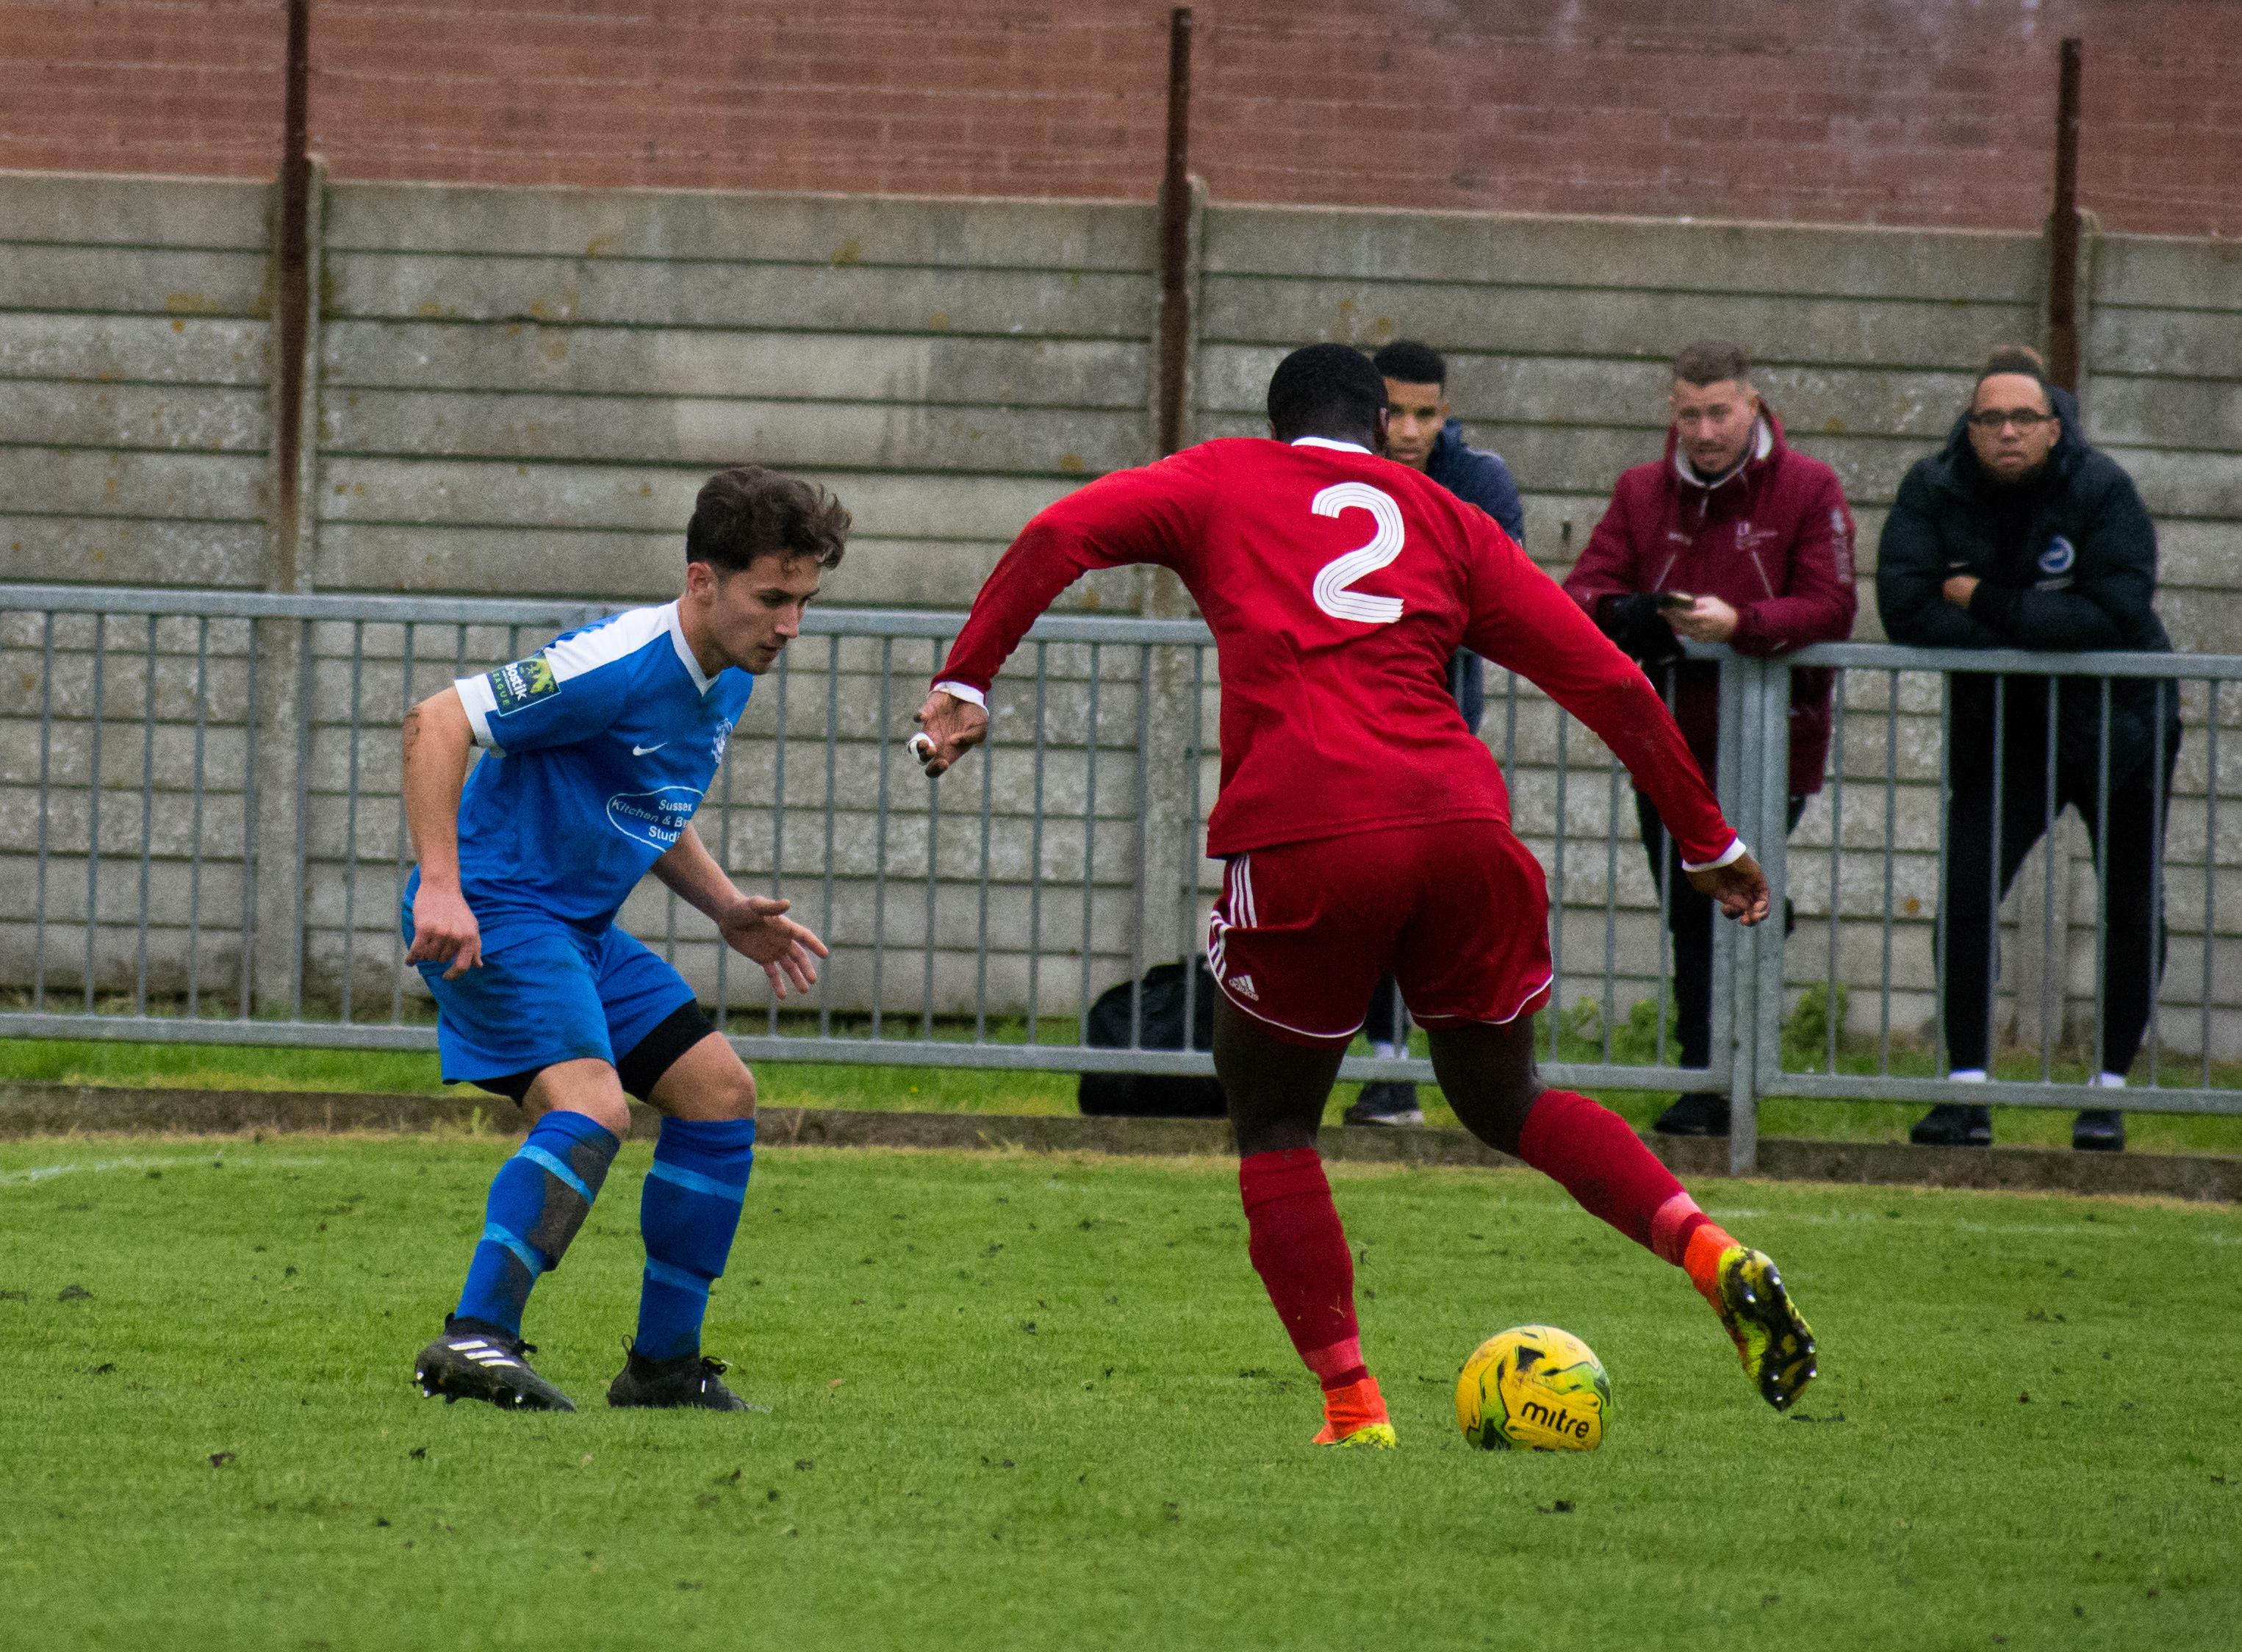 Shoreham FC vs Hythe Town 11.11.17 39